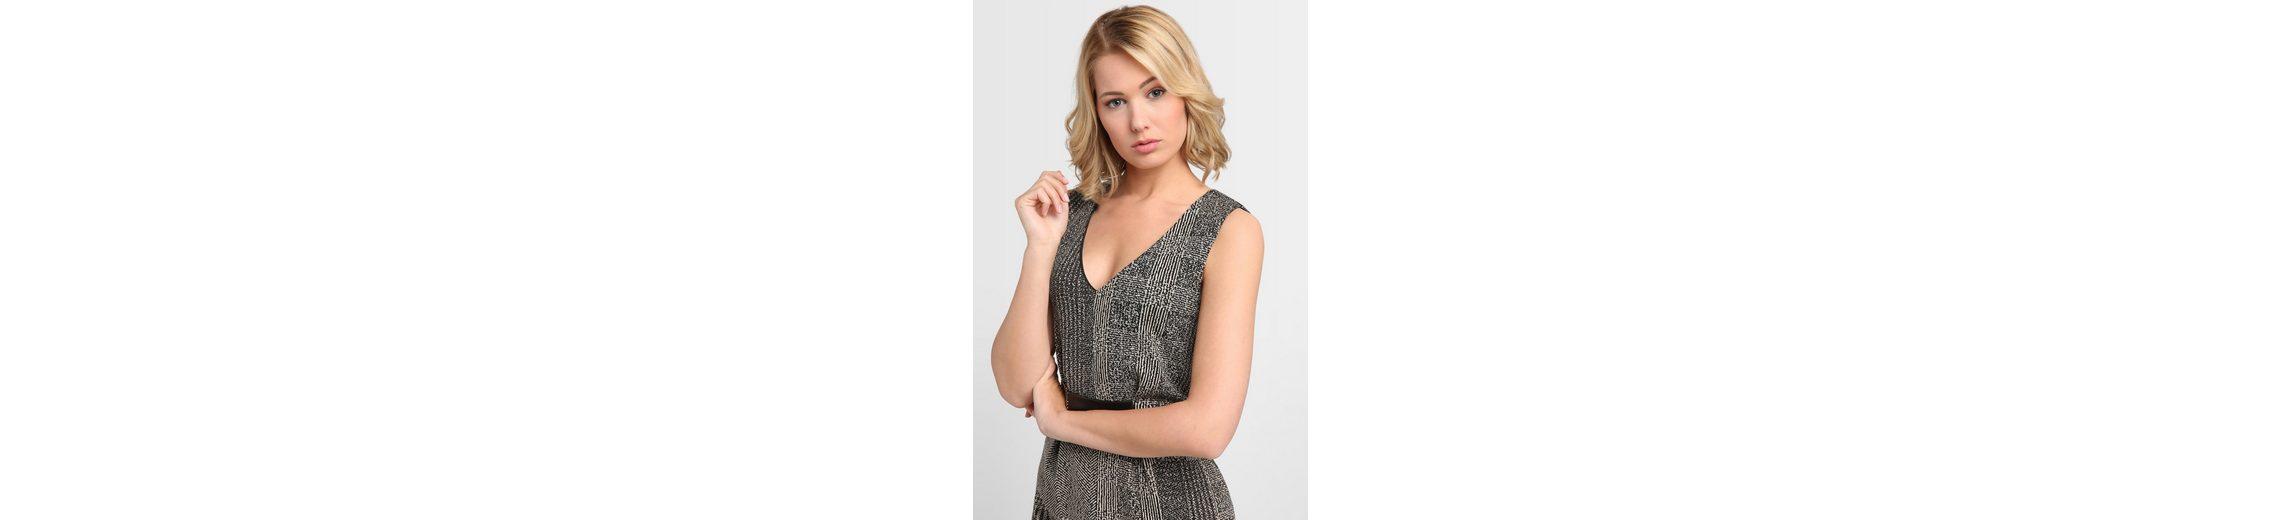 Billig Offiziellen Billige Auslass Apart Kleid Spielraum Limitierte Auflage Spielraum-Shop igq8dYipZ0